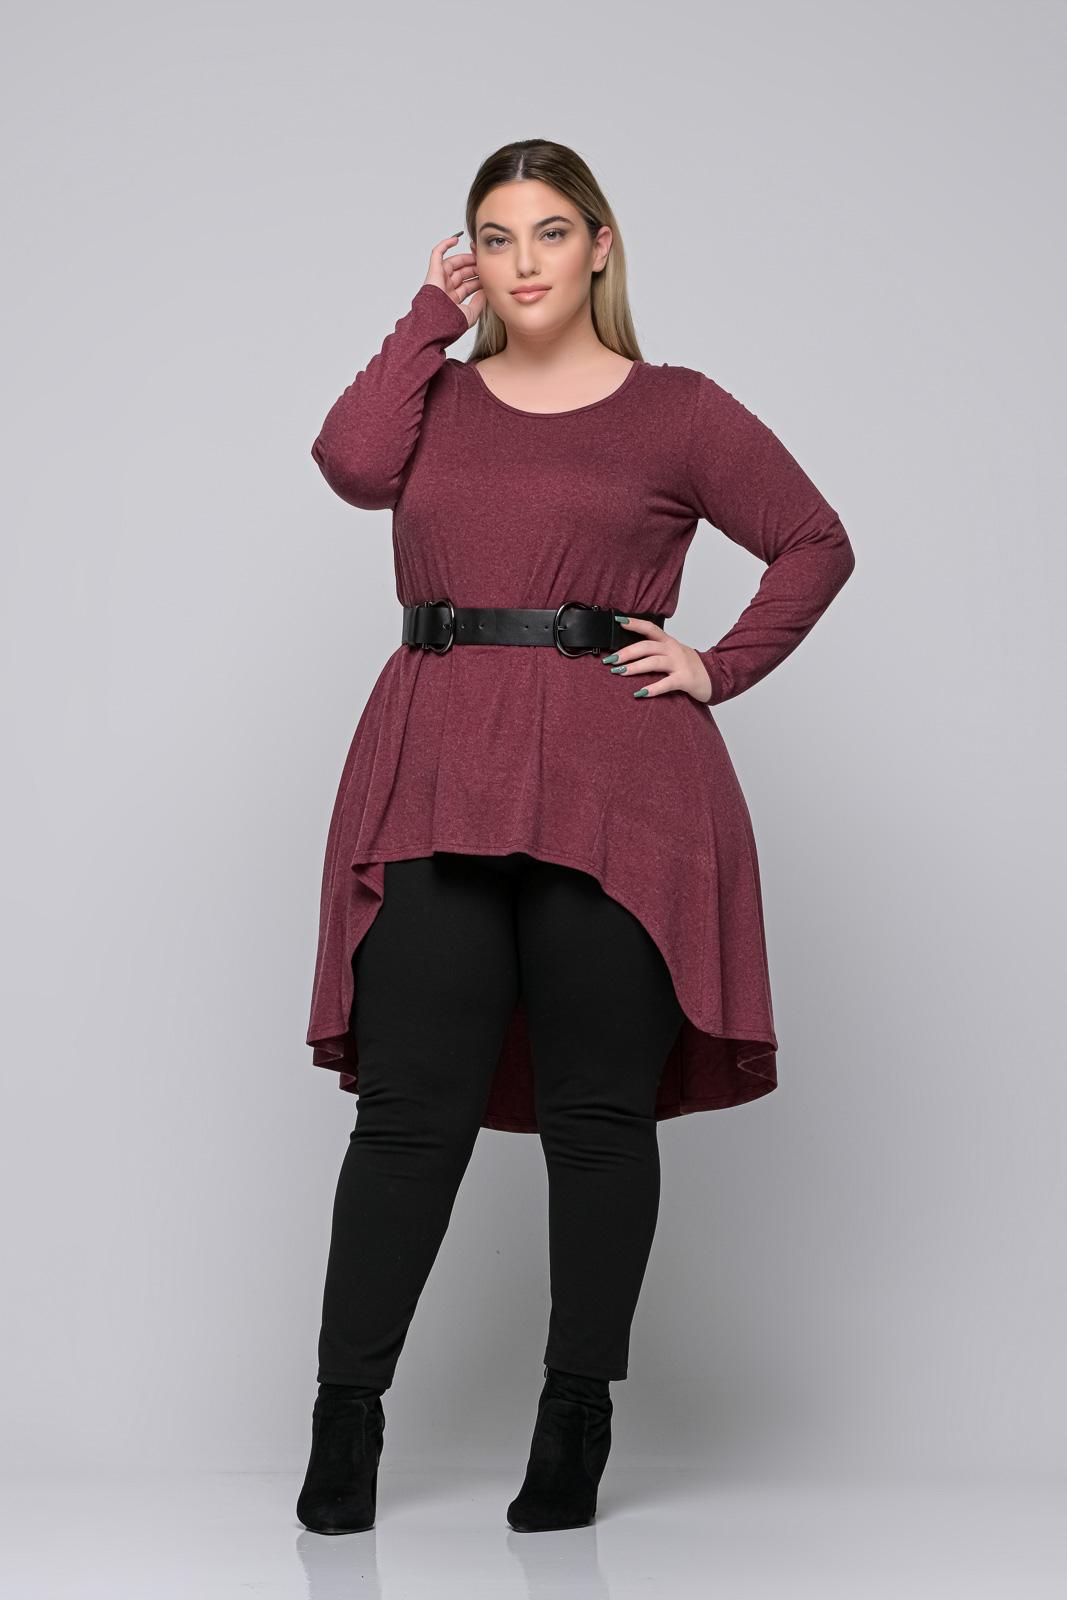 Μπλούζoφόρεμα +Psx μπορντό ελαστική βισκόζ . Στο eshop μας θα βρείτε οικονομικά γυναίκεια ρούχα σε μεγάλα μεγέθη και υπερμεγέθη.